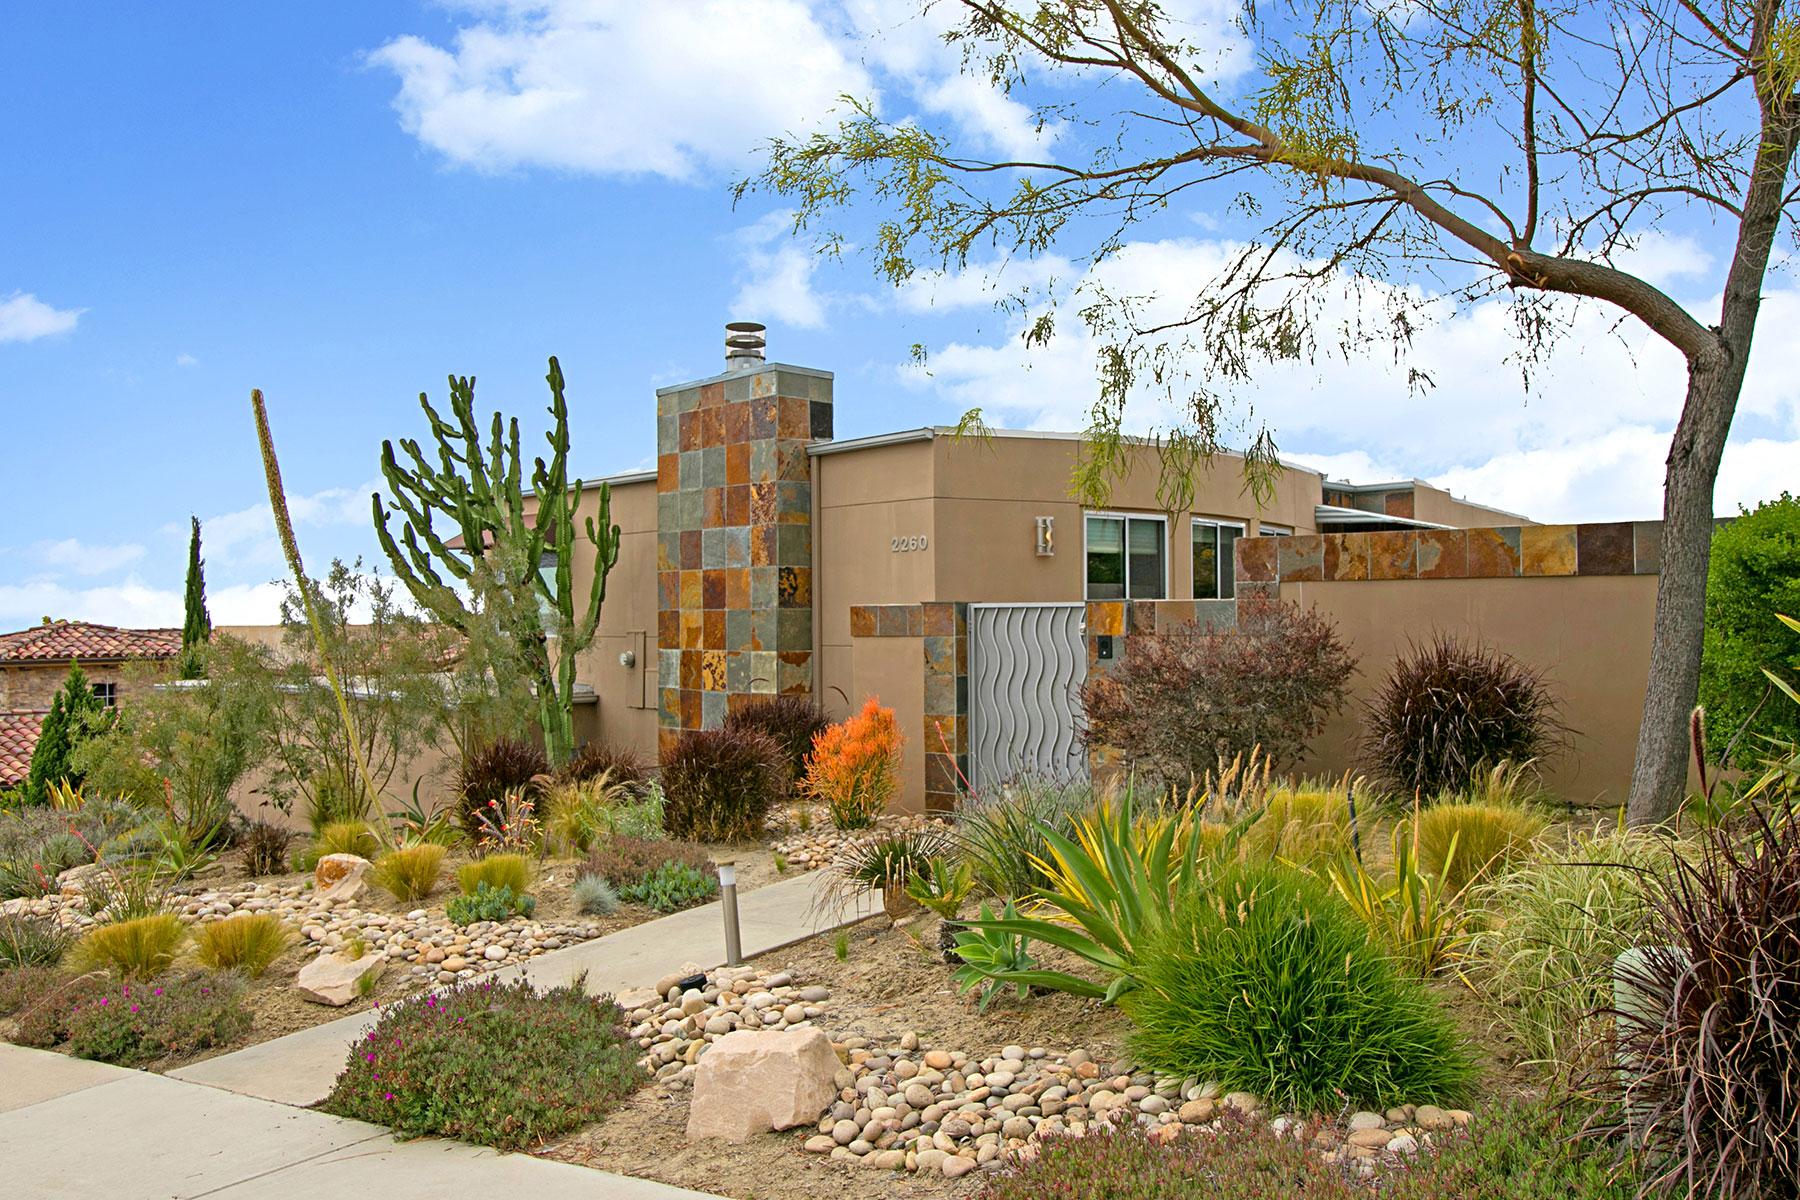 Maison unifamiliale pour l Vente à 2260 Park Avenue Laguna Beach, Californie, 92651 États-Unis